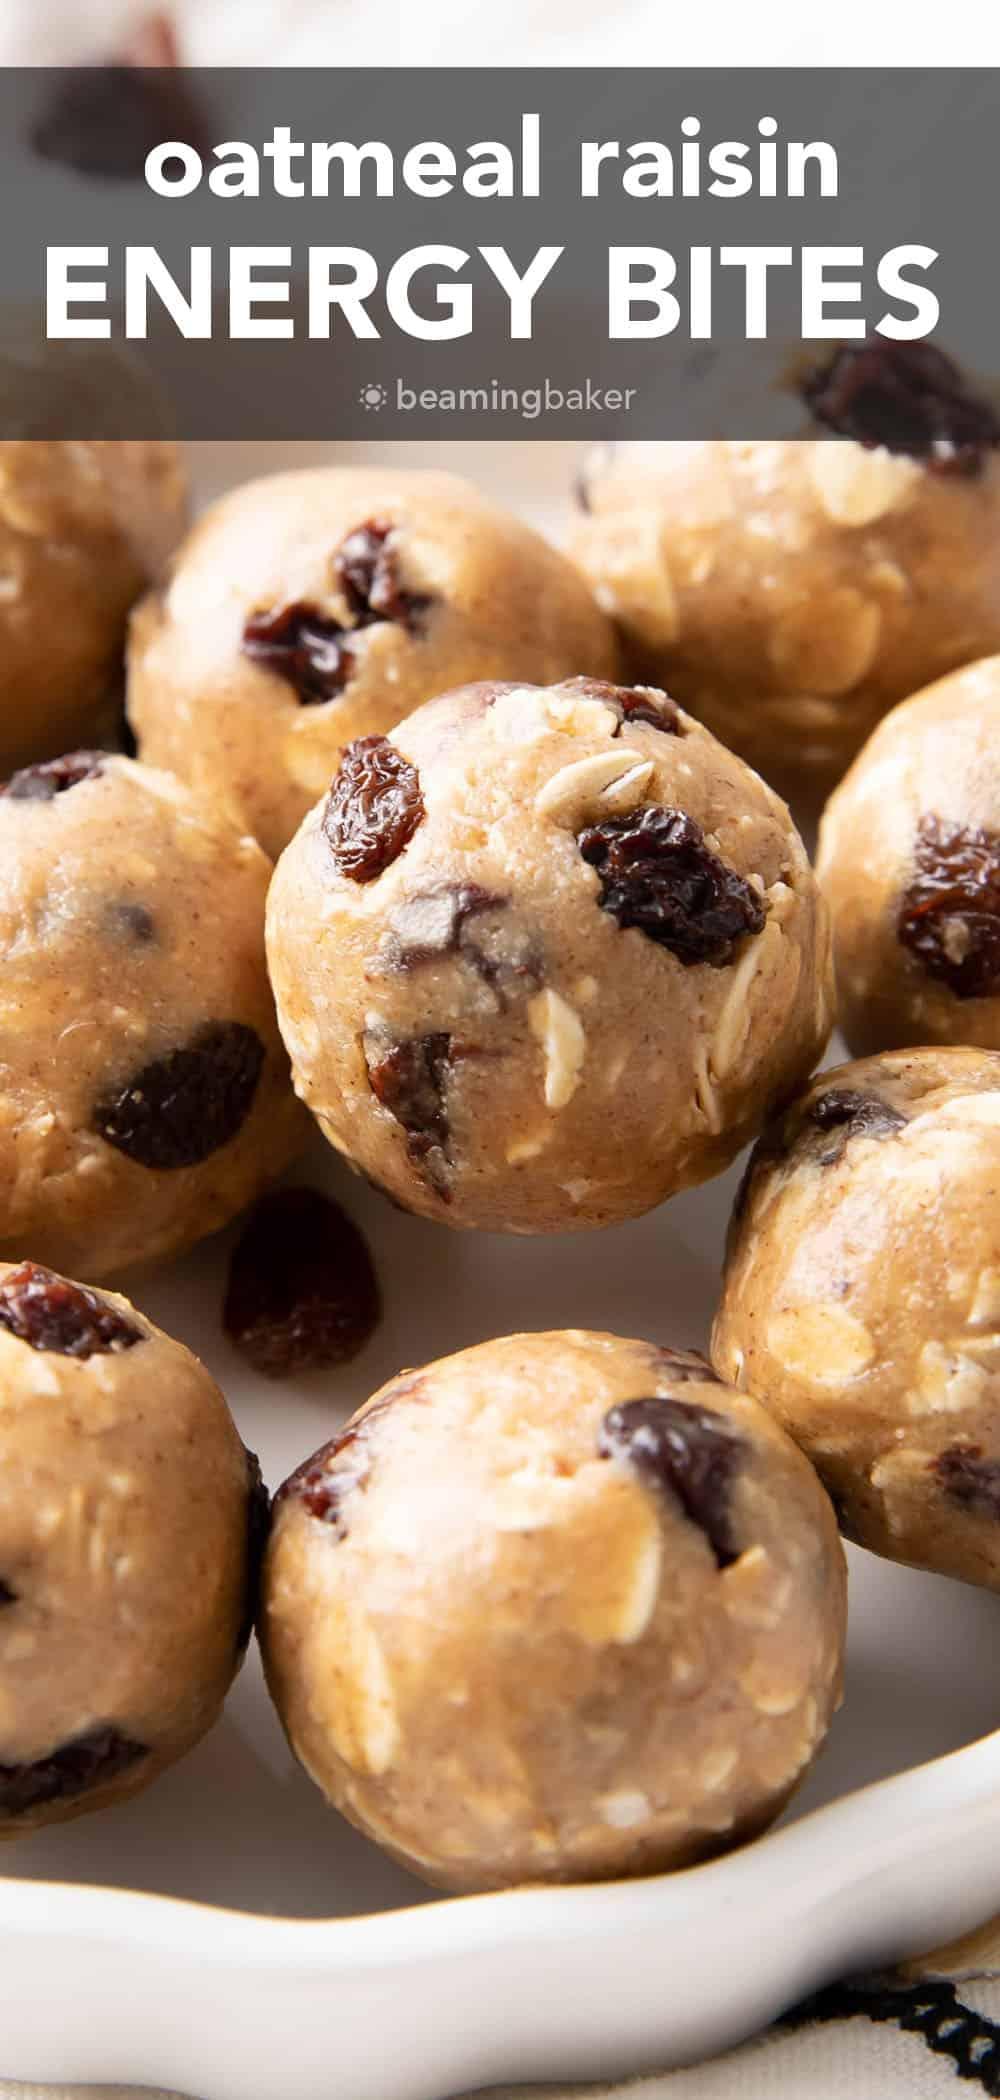 Oatmeal Raisin Energy Bites pin image